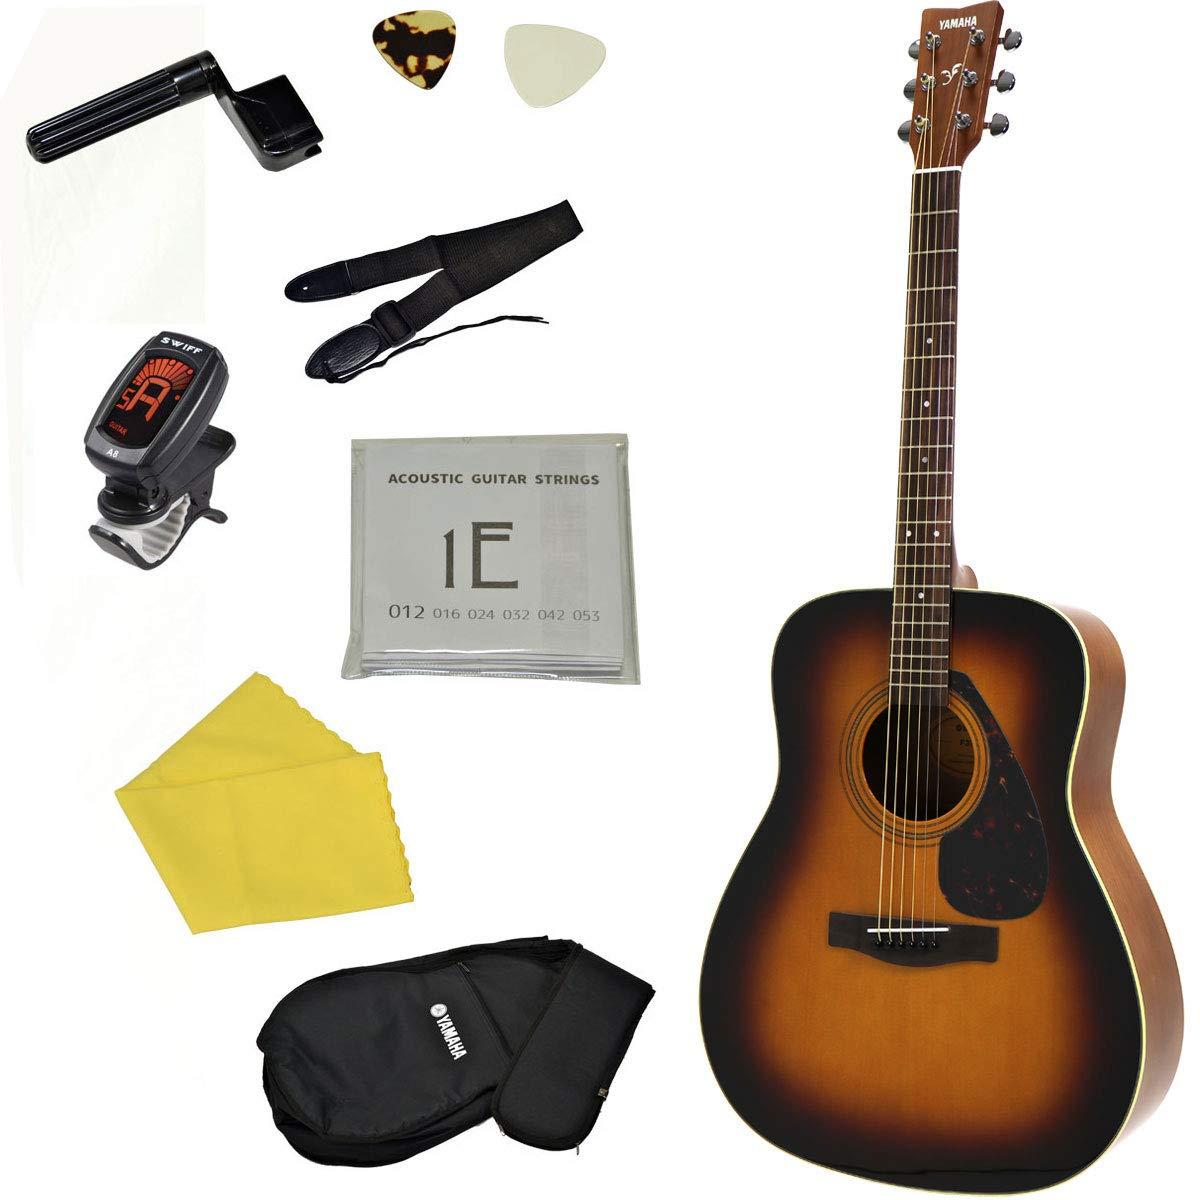 YAMAHA / F370 TBS(タバコブラウンサンバースト)【アコースティックギター9点入門セット!】 ヤマハ フォークギター アコギ F-370 入門 初心者   B07PMZ8KZ1